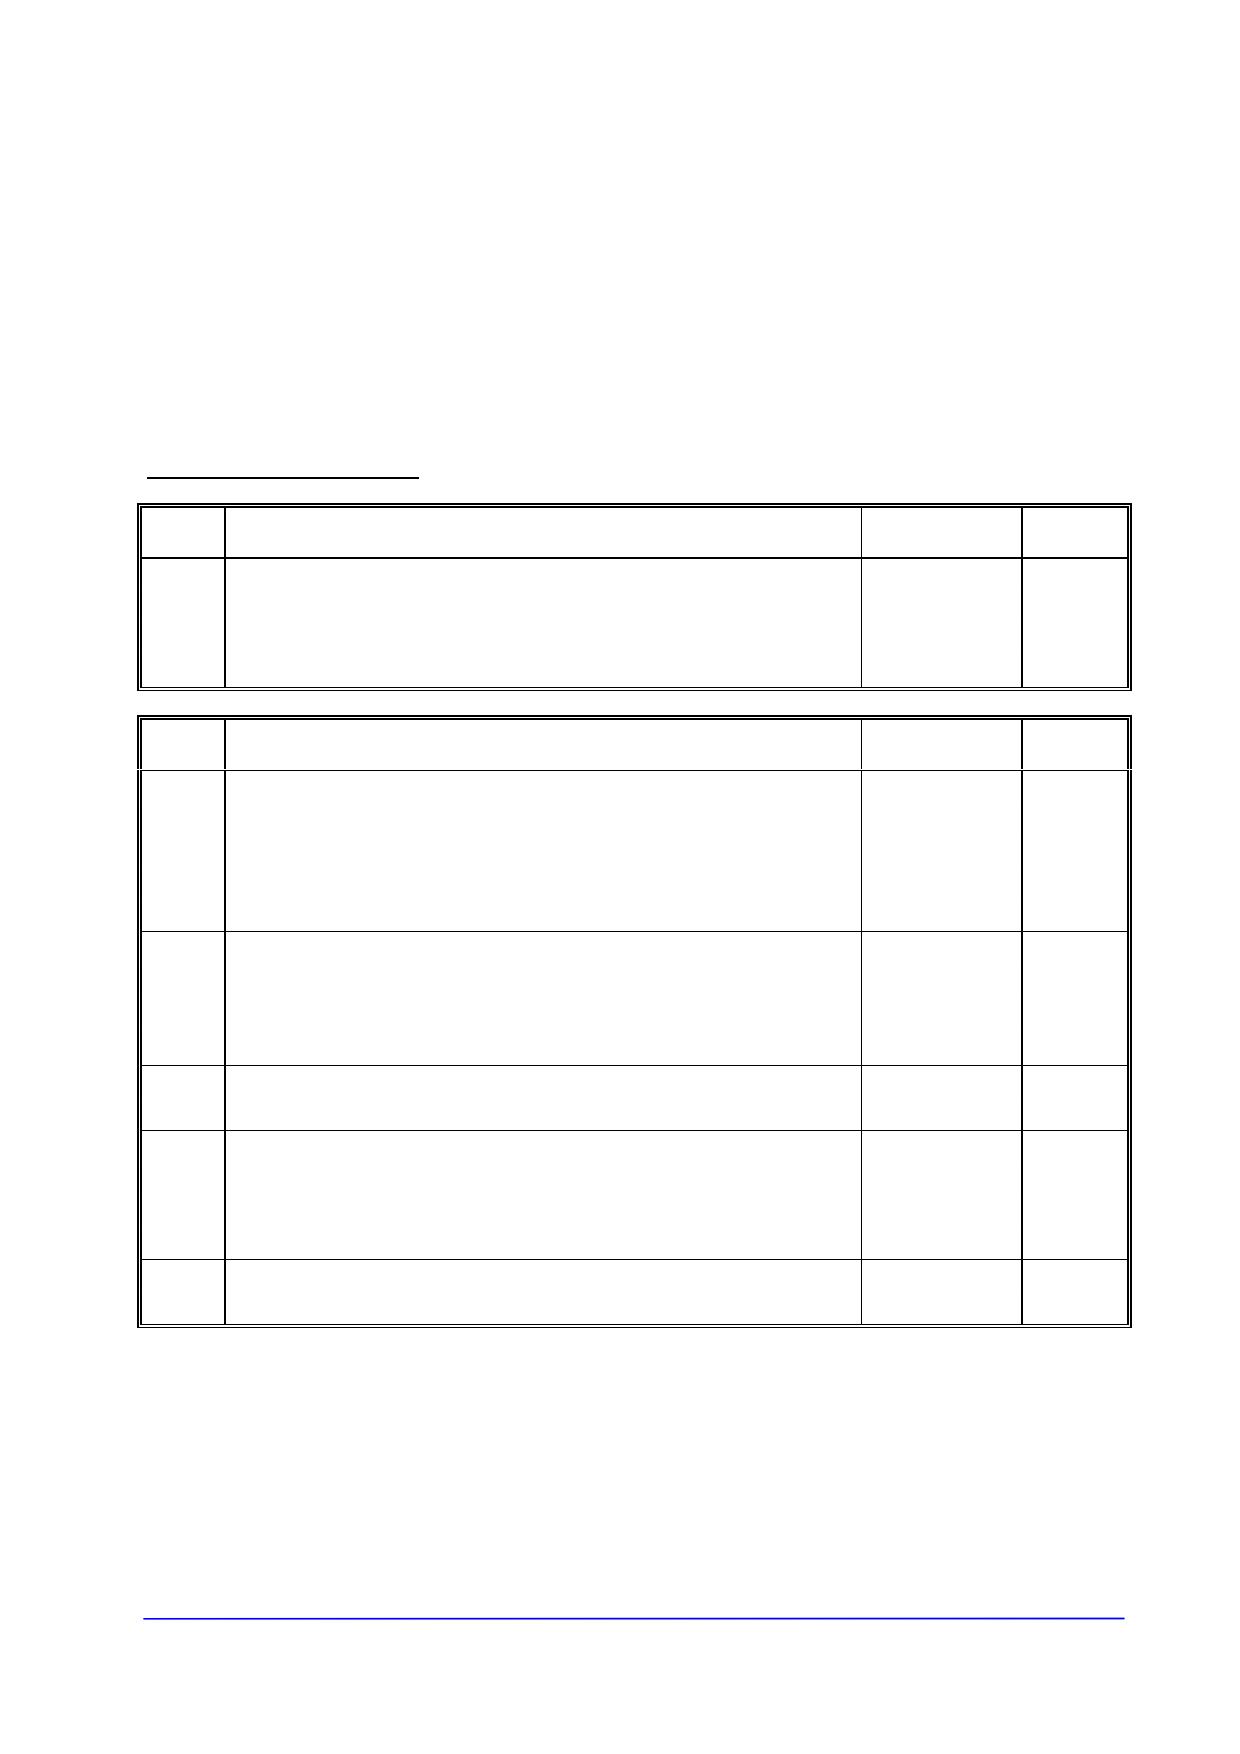 R0577YS10D datasheet